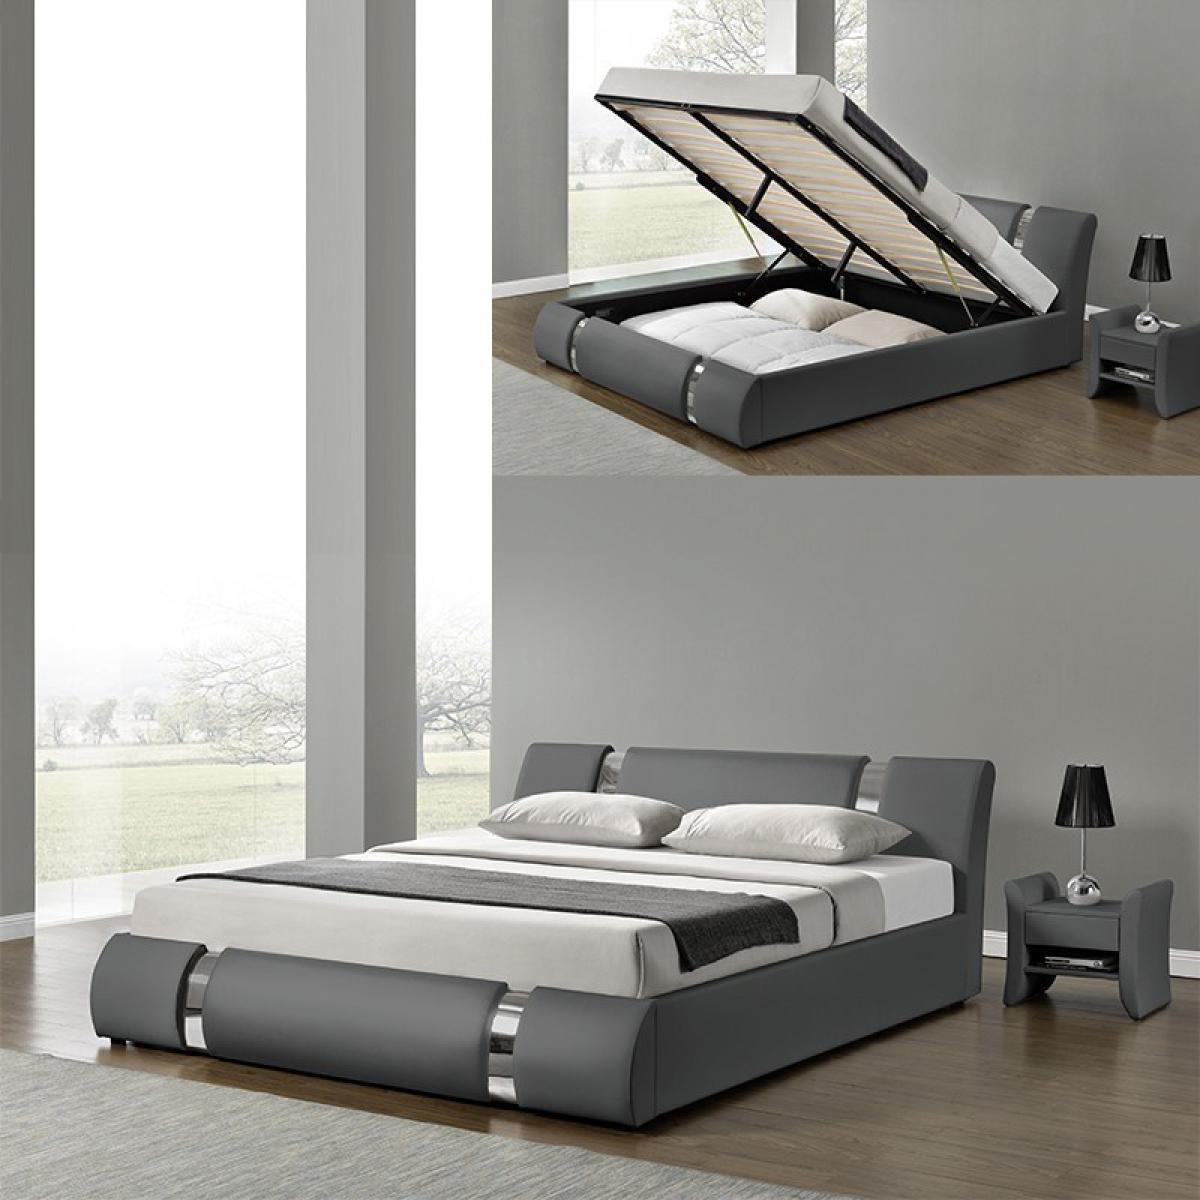 Meubler Design Lit Coffre Sommier Relevable Nova - Gris - 140x190